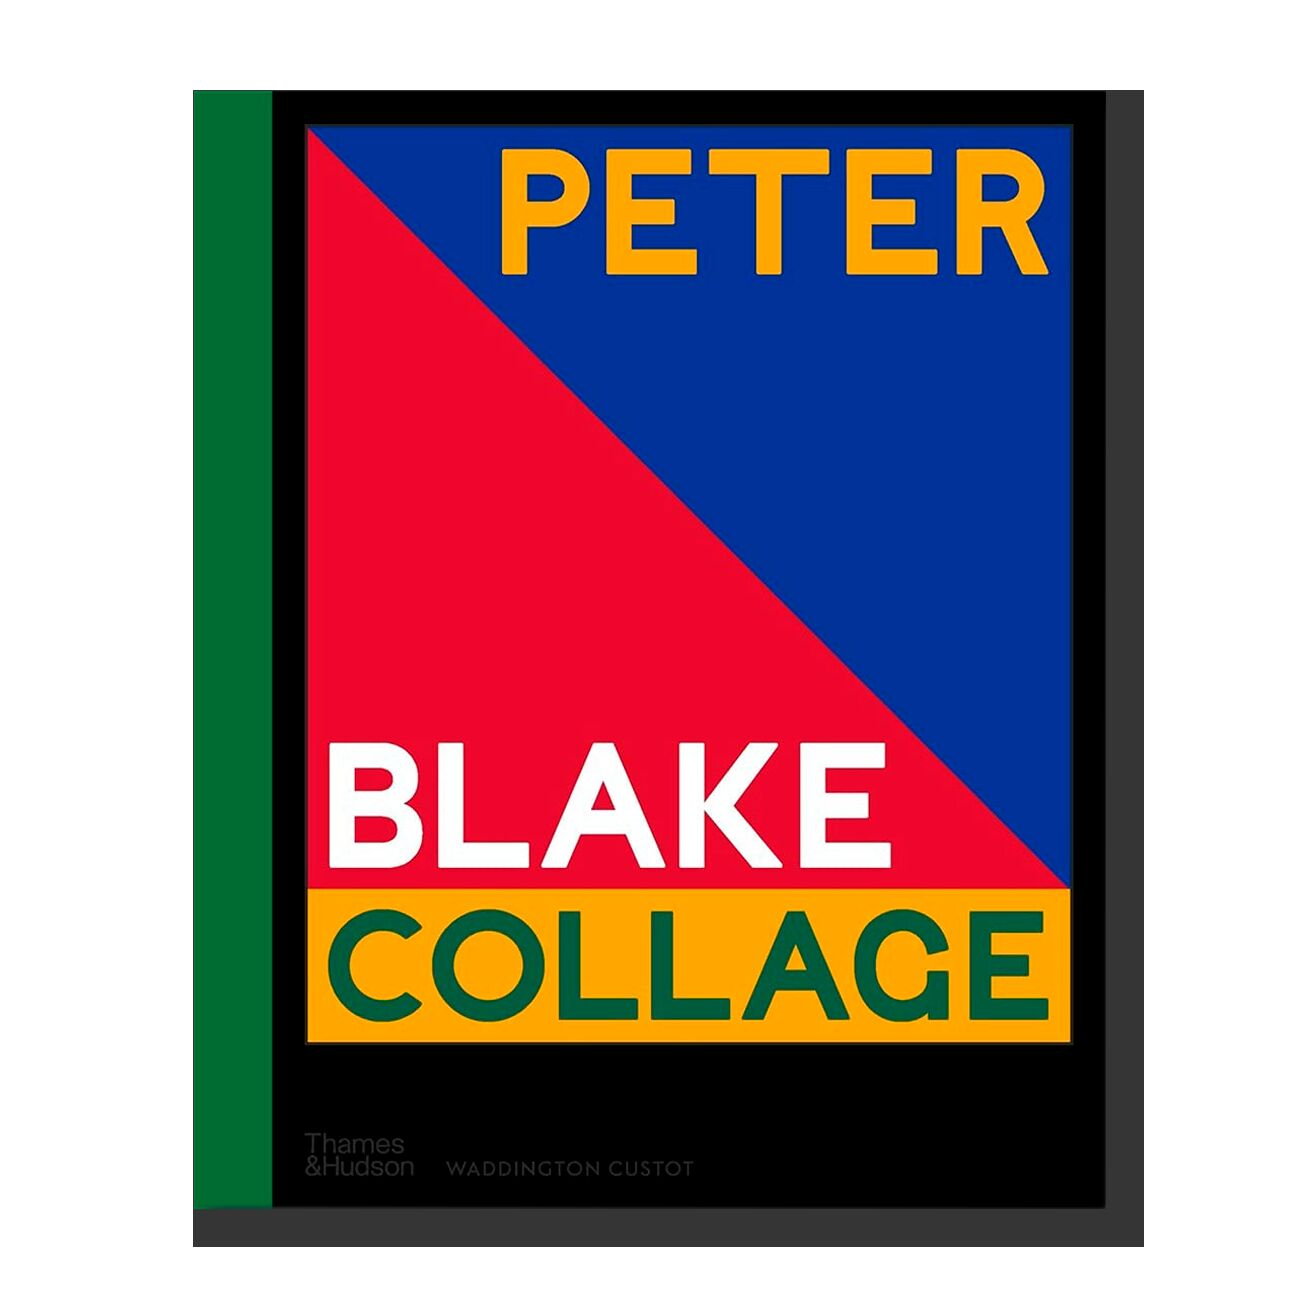 Peter Blake: Collage